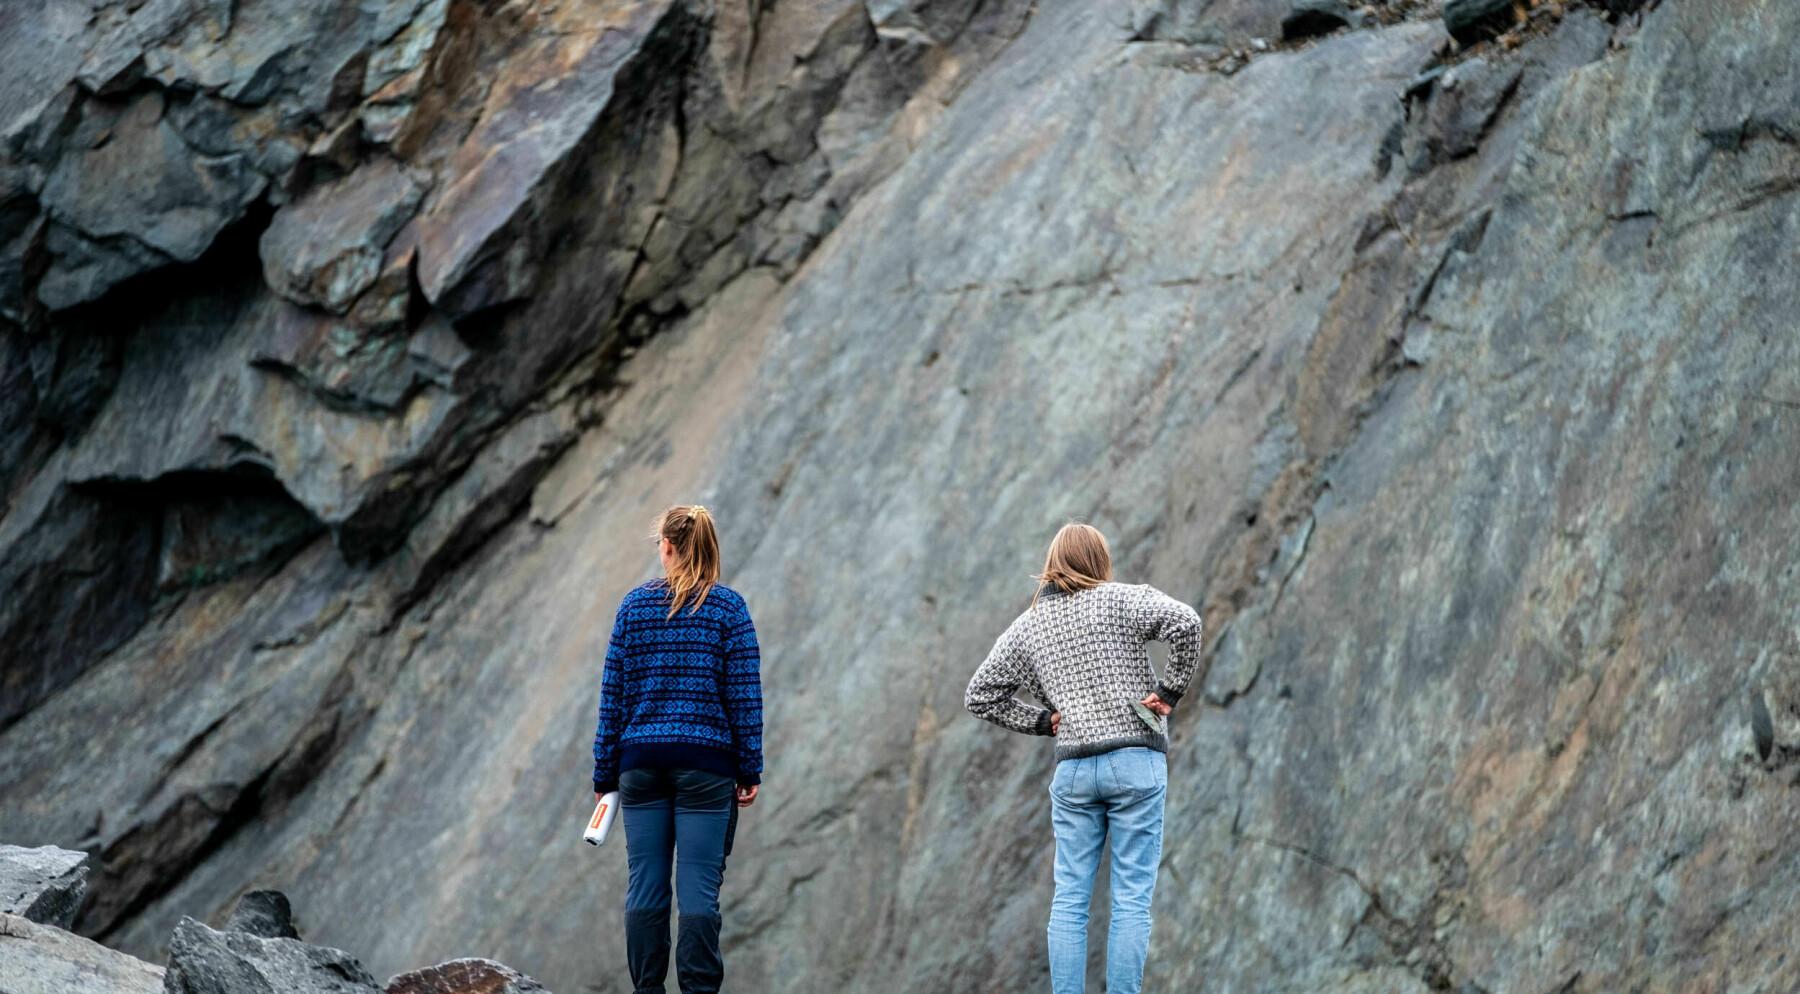 Mari Hasle Einang (t.v.) fra klimautvalget 2050, og Solveig Skaugvoll Foss (t.h.) i Repparfjord 2021.